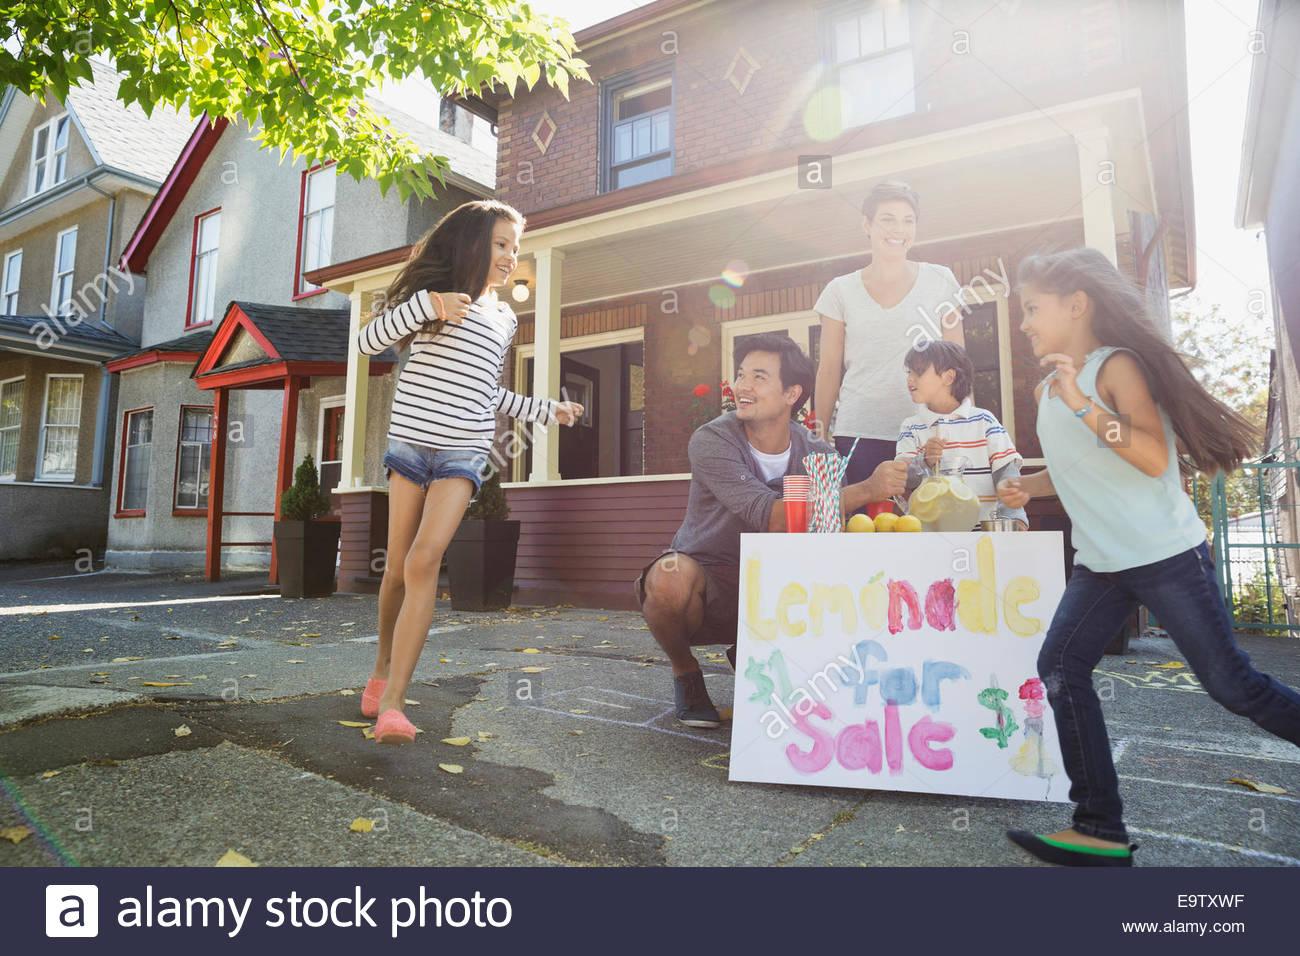 La famiglia a lemonade stand sul marciapiede fuori casa Immagini Stock